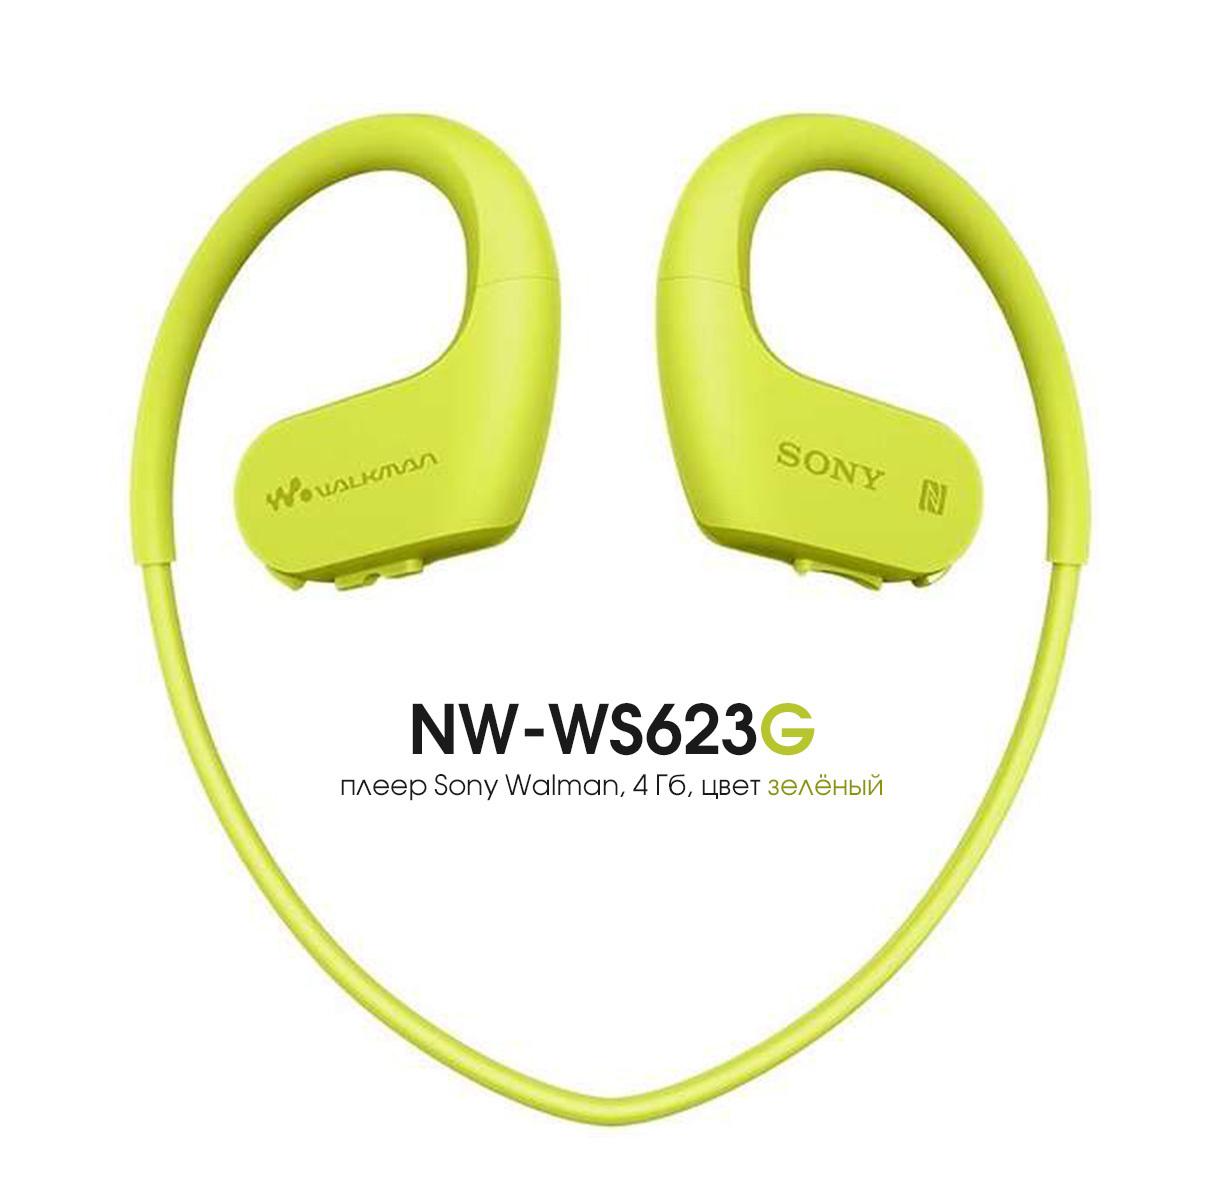 NW-WS623G спортивный плеер Sony, 4 ГБ